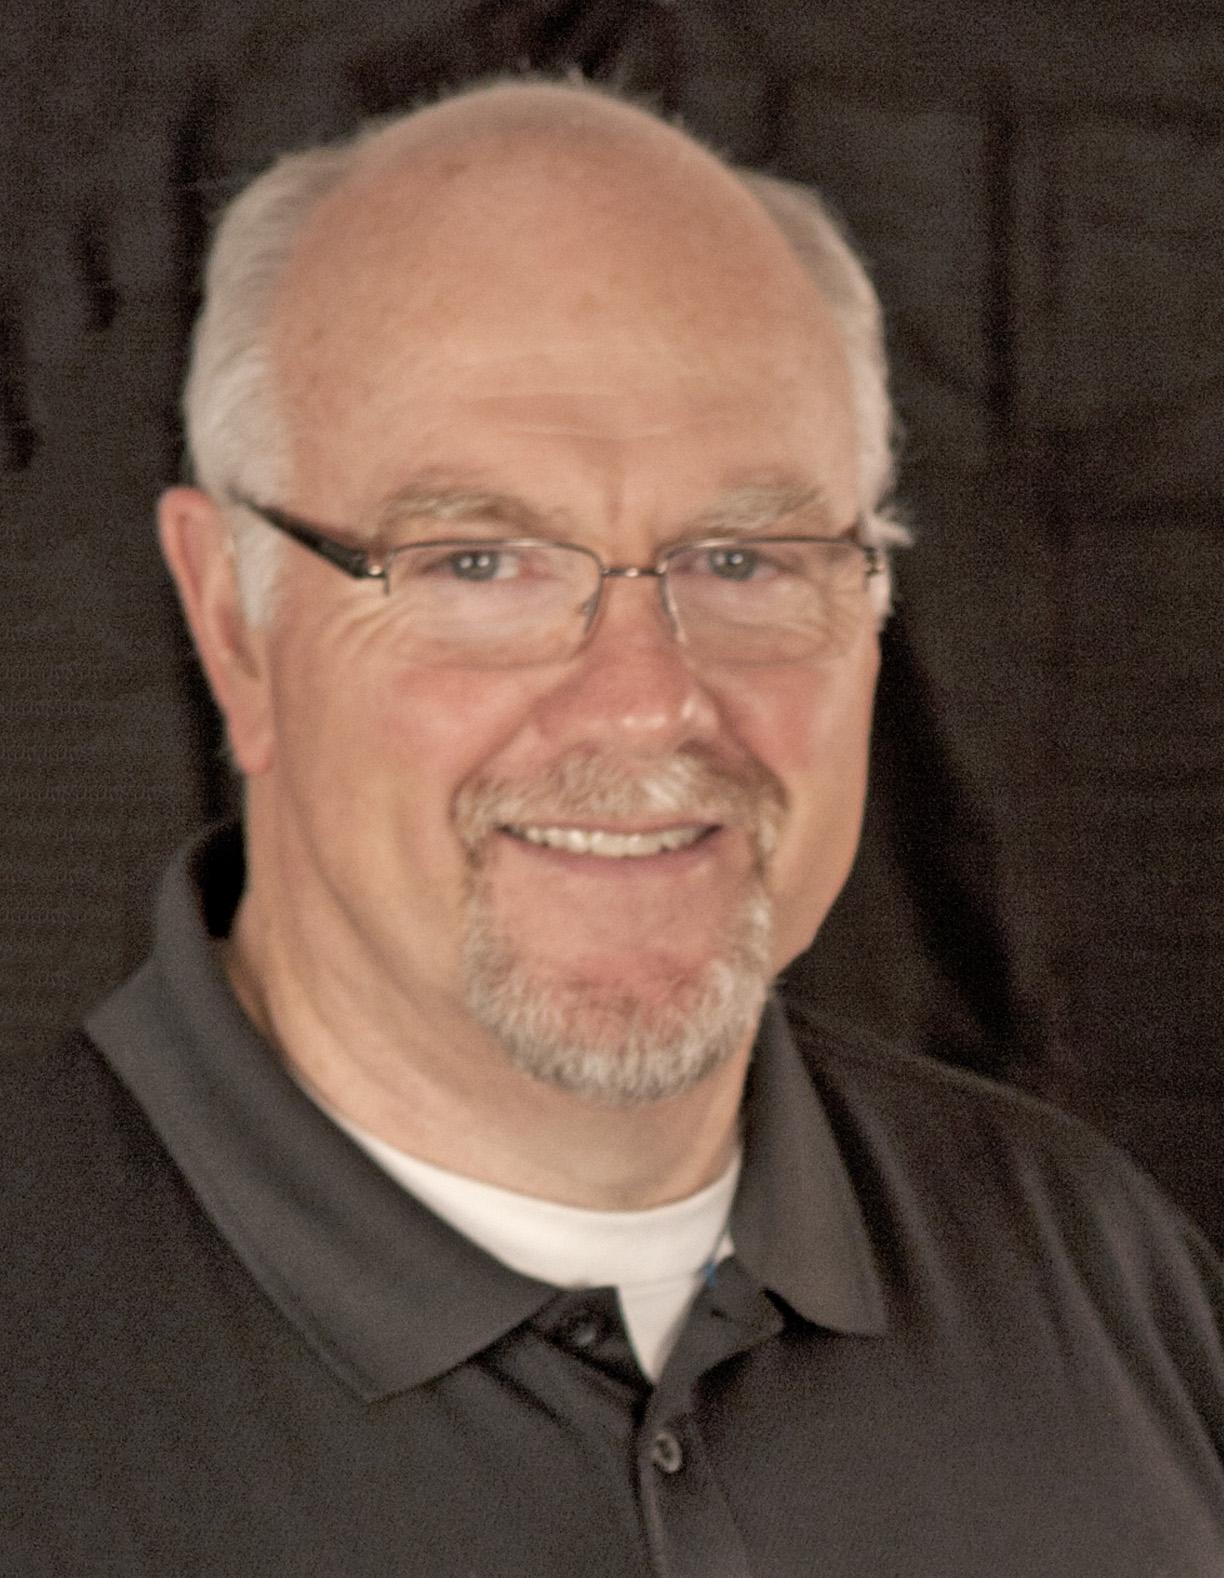 Greg A. Marshall